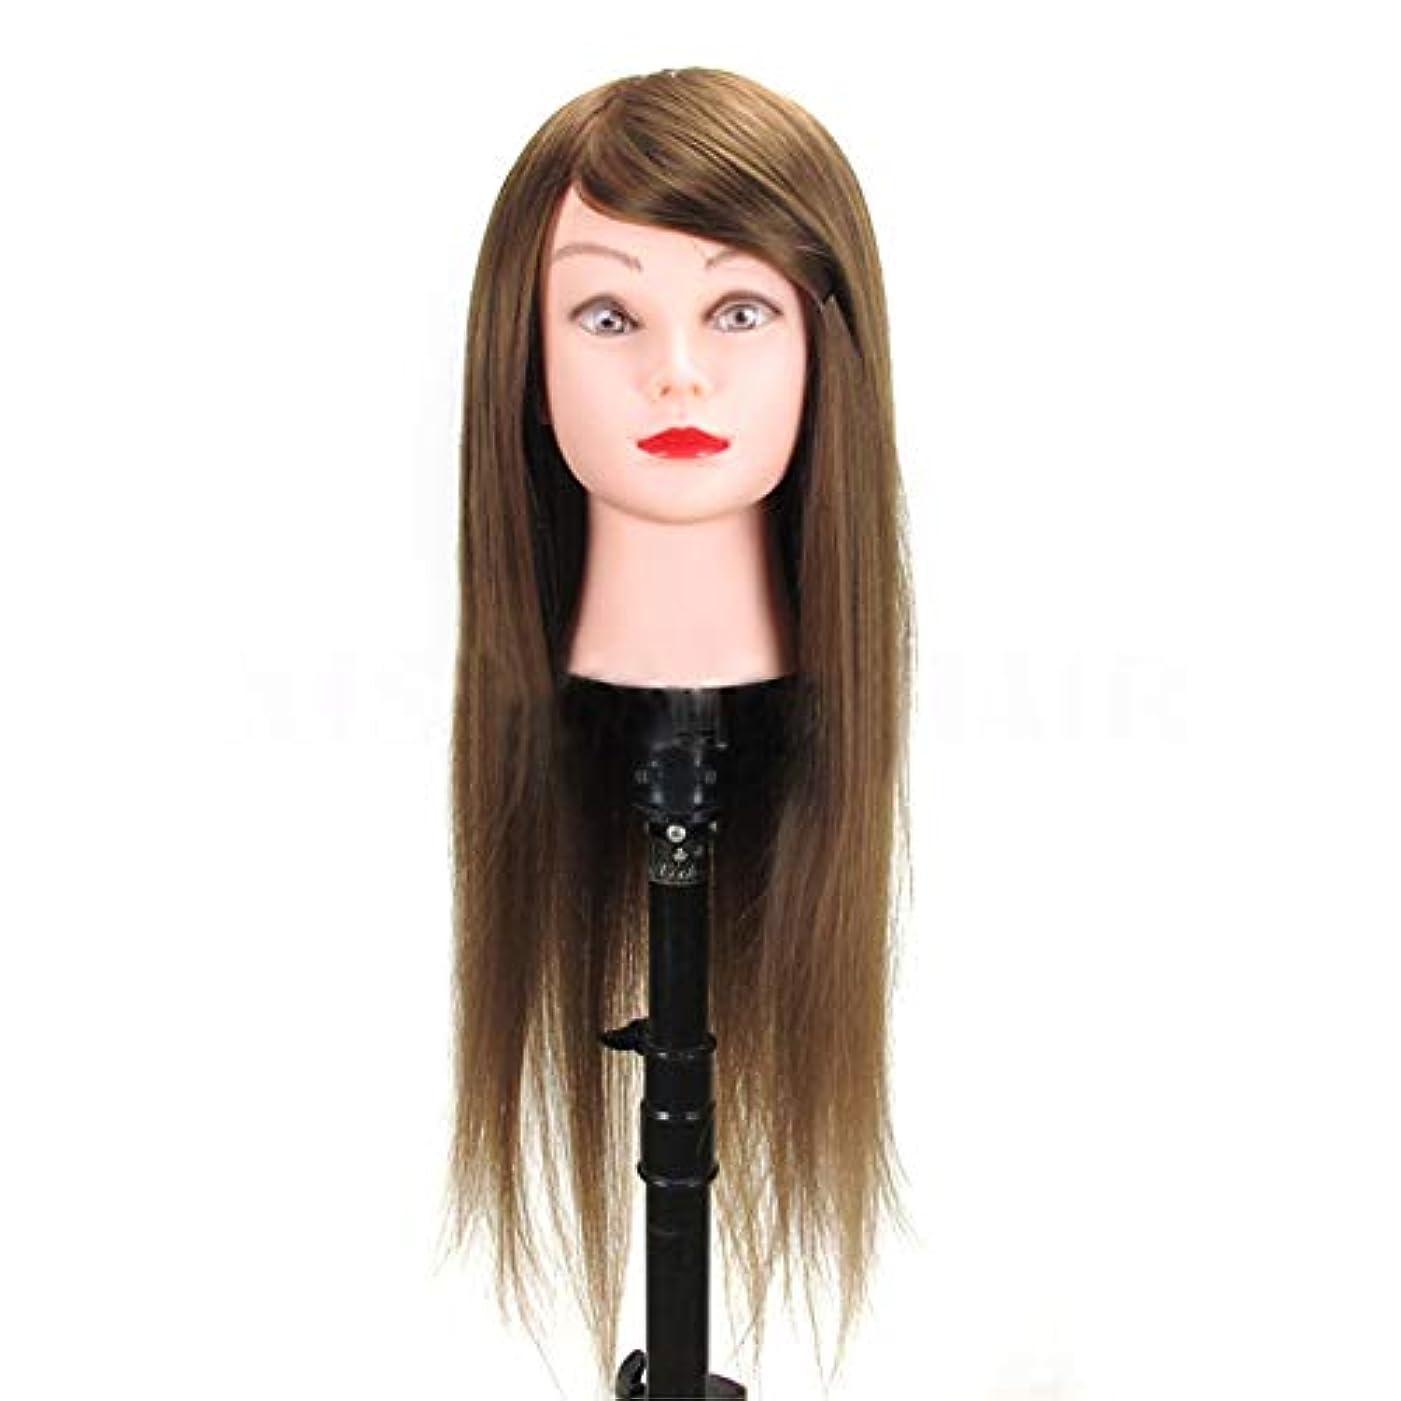 旅行同封する小川高温シルク編組ヘアスタイリングヘッドモデル理髪店理髪ダミーヘッド化粧練習マネキンヘッド